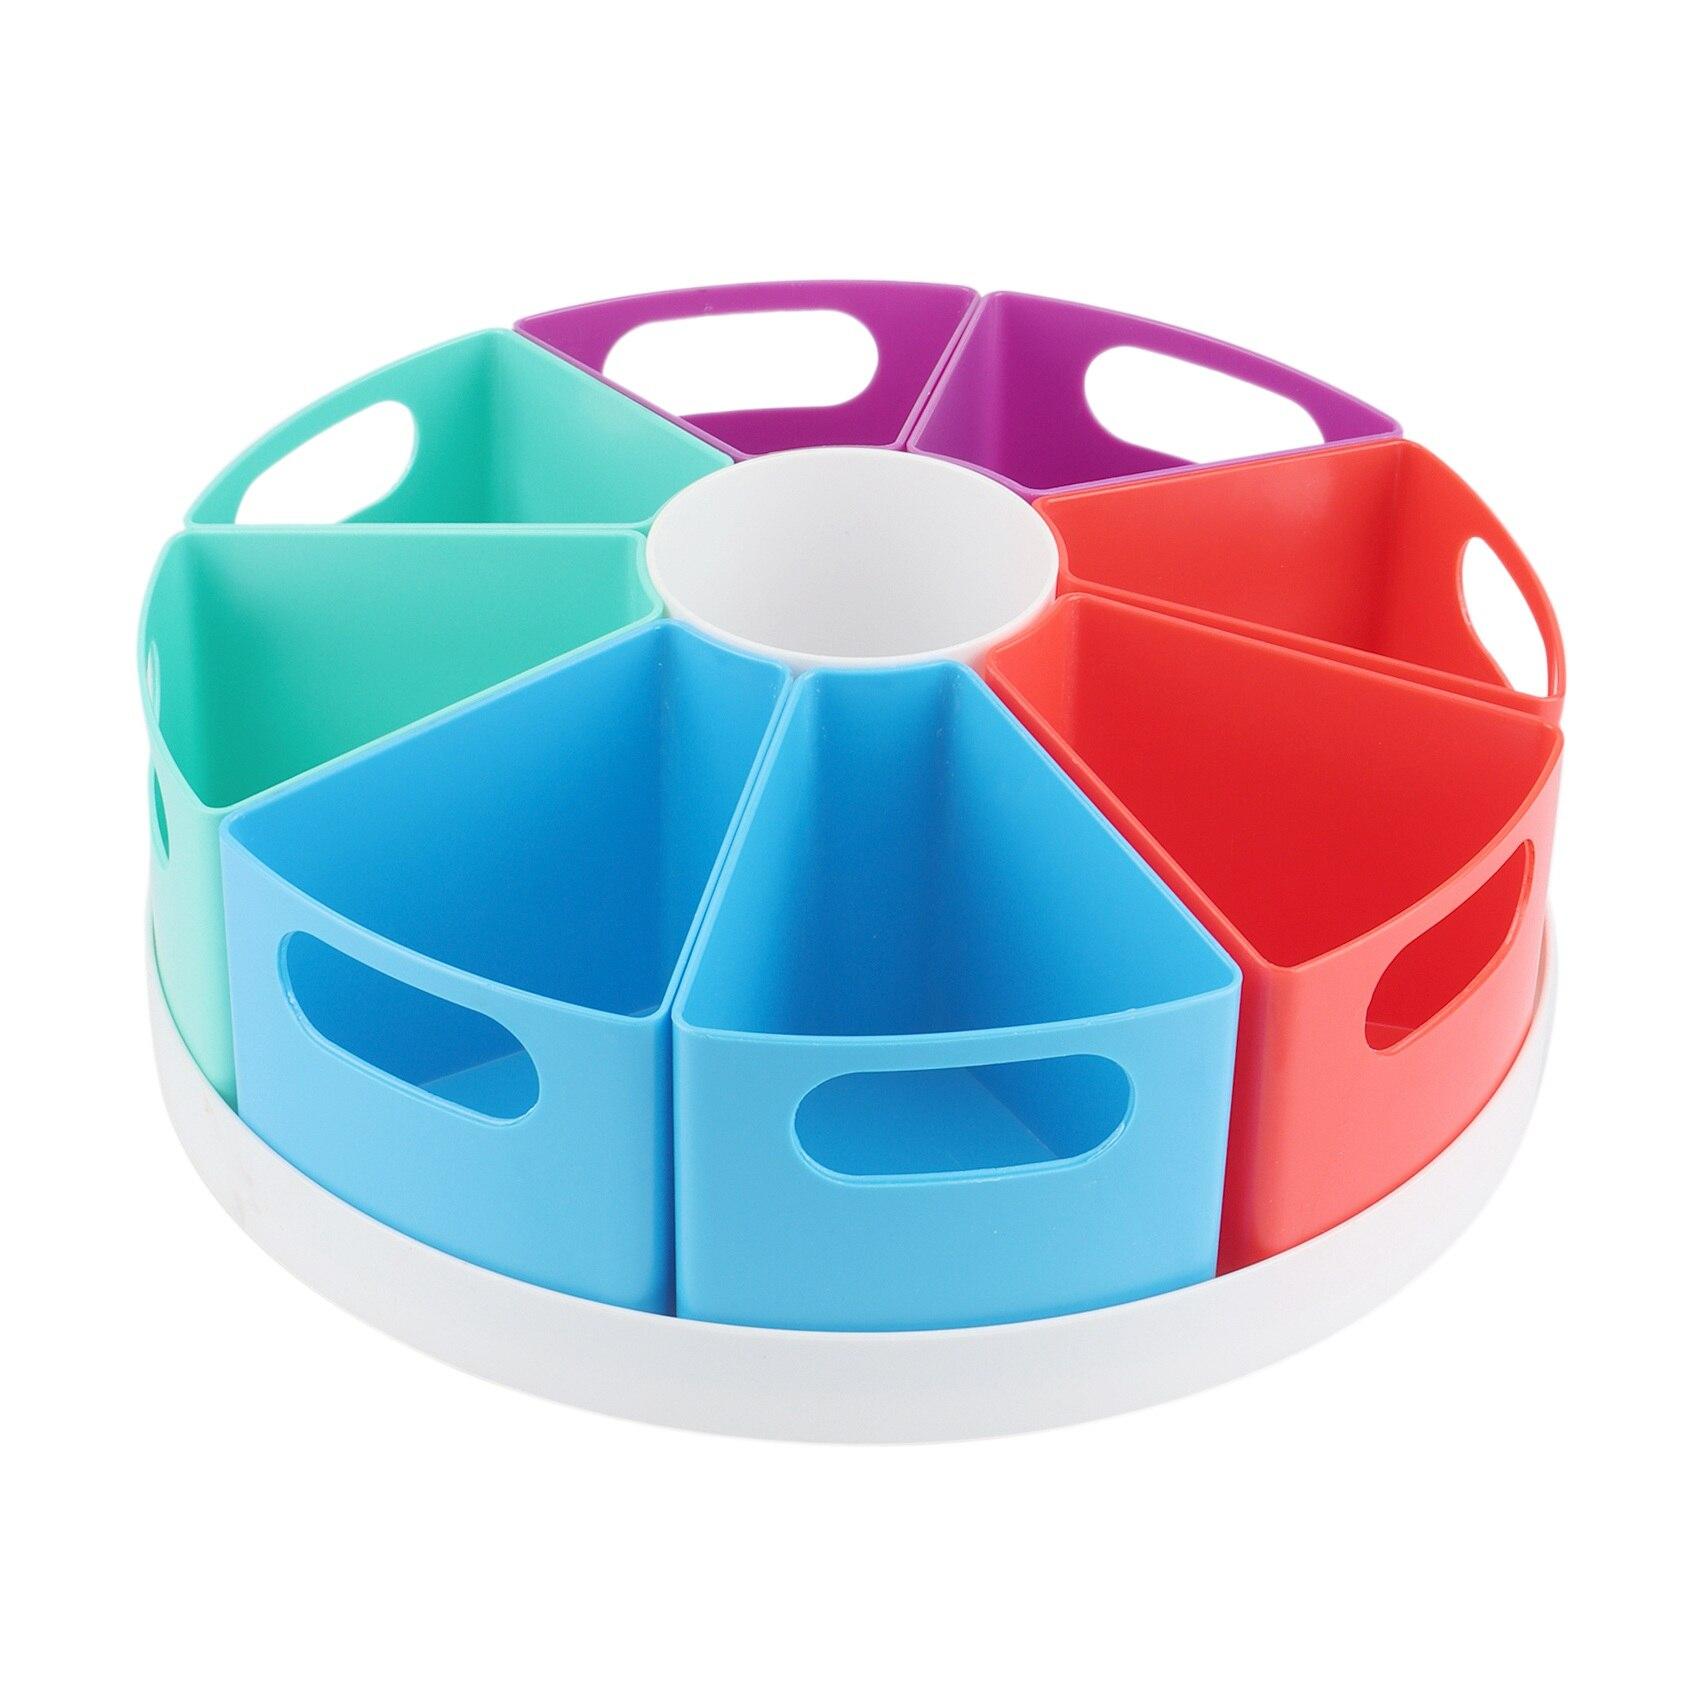 360-درجة تدوير سطح المكتب صندوق أدوات مكتب ، حامل قلم الإبداعية متعددة الوظائف ، انفصال صندوق تخزين مستحضرات التجميل